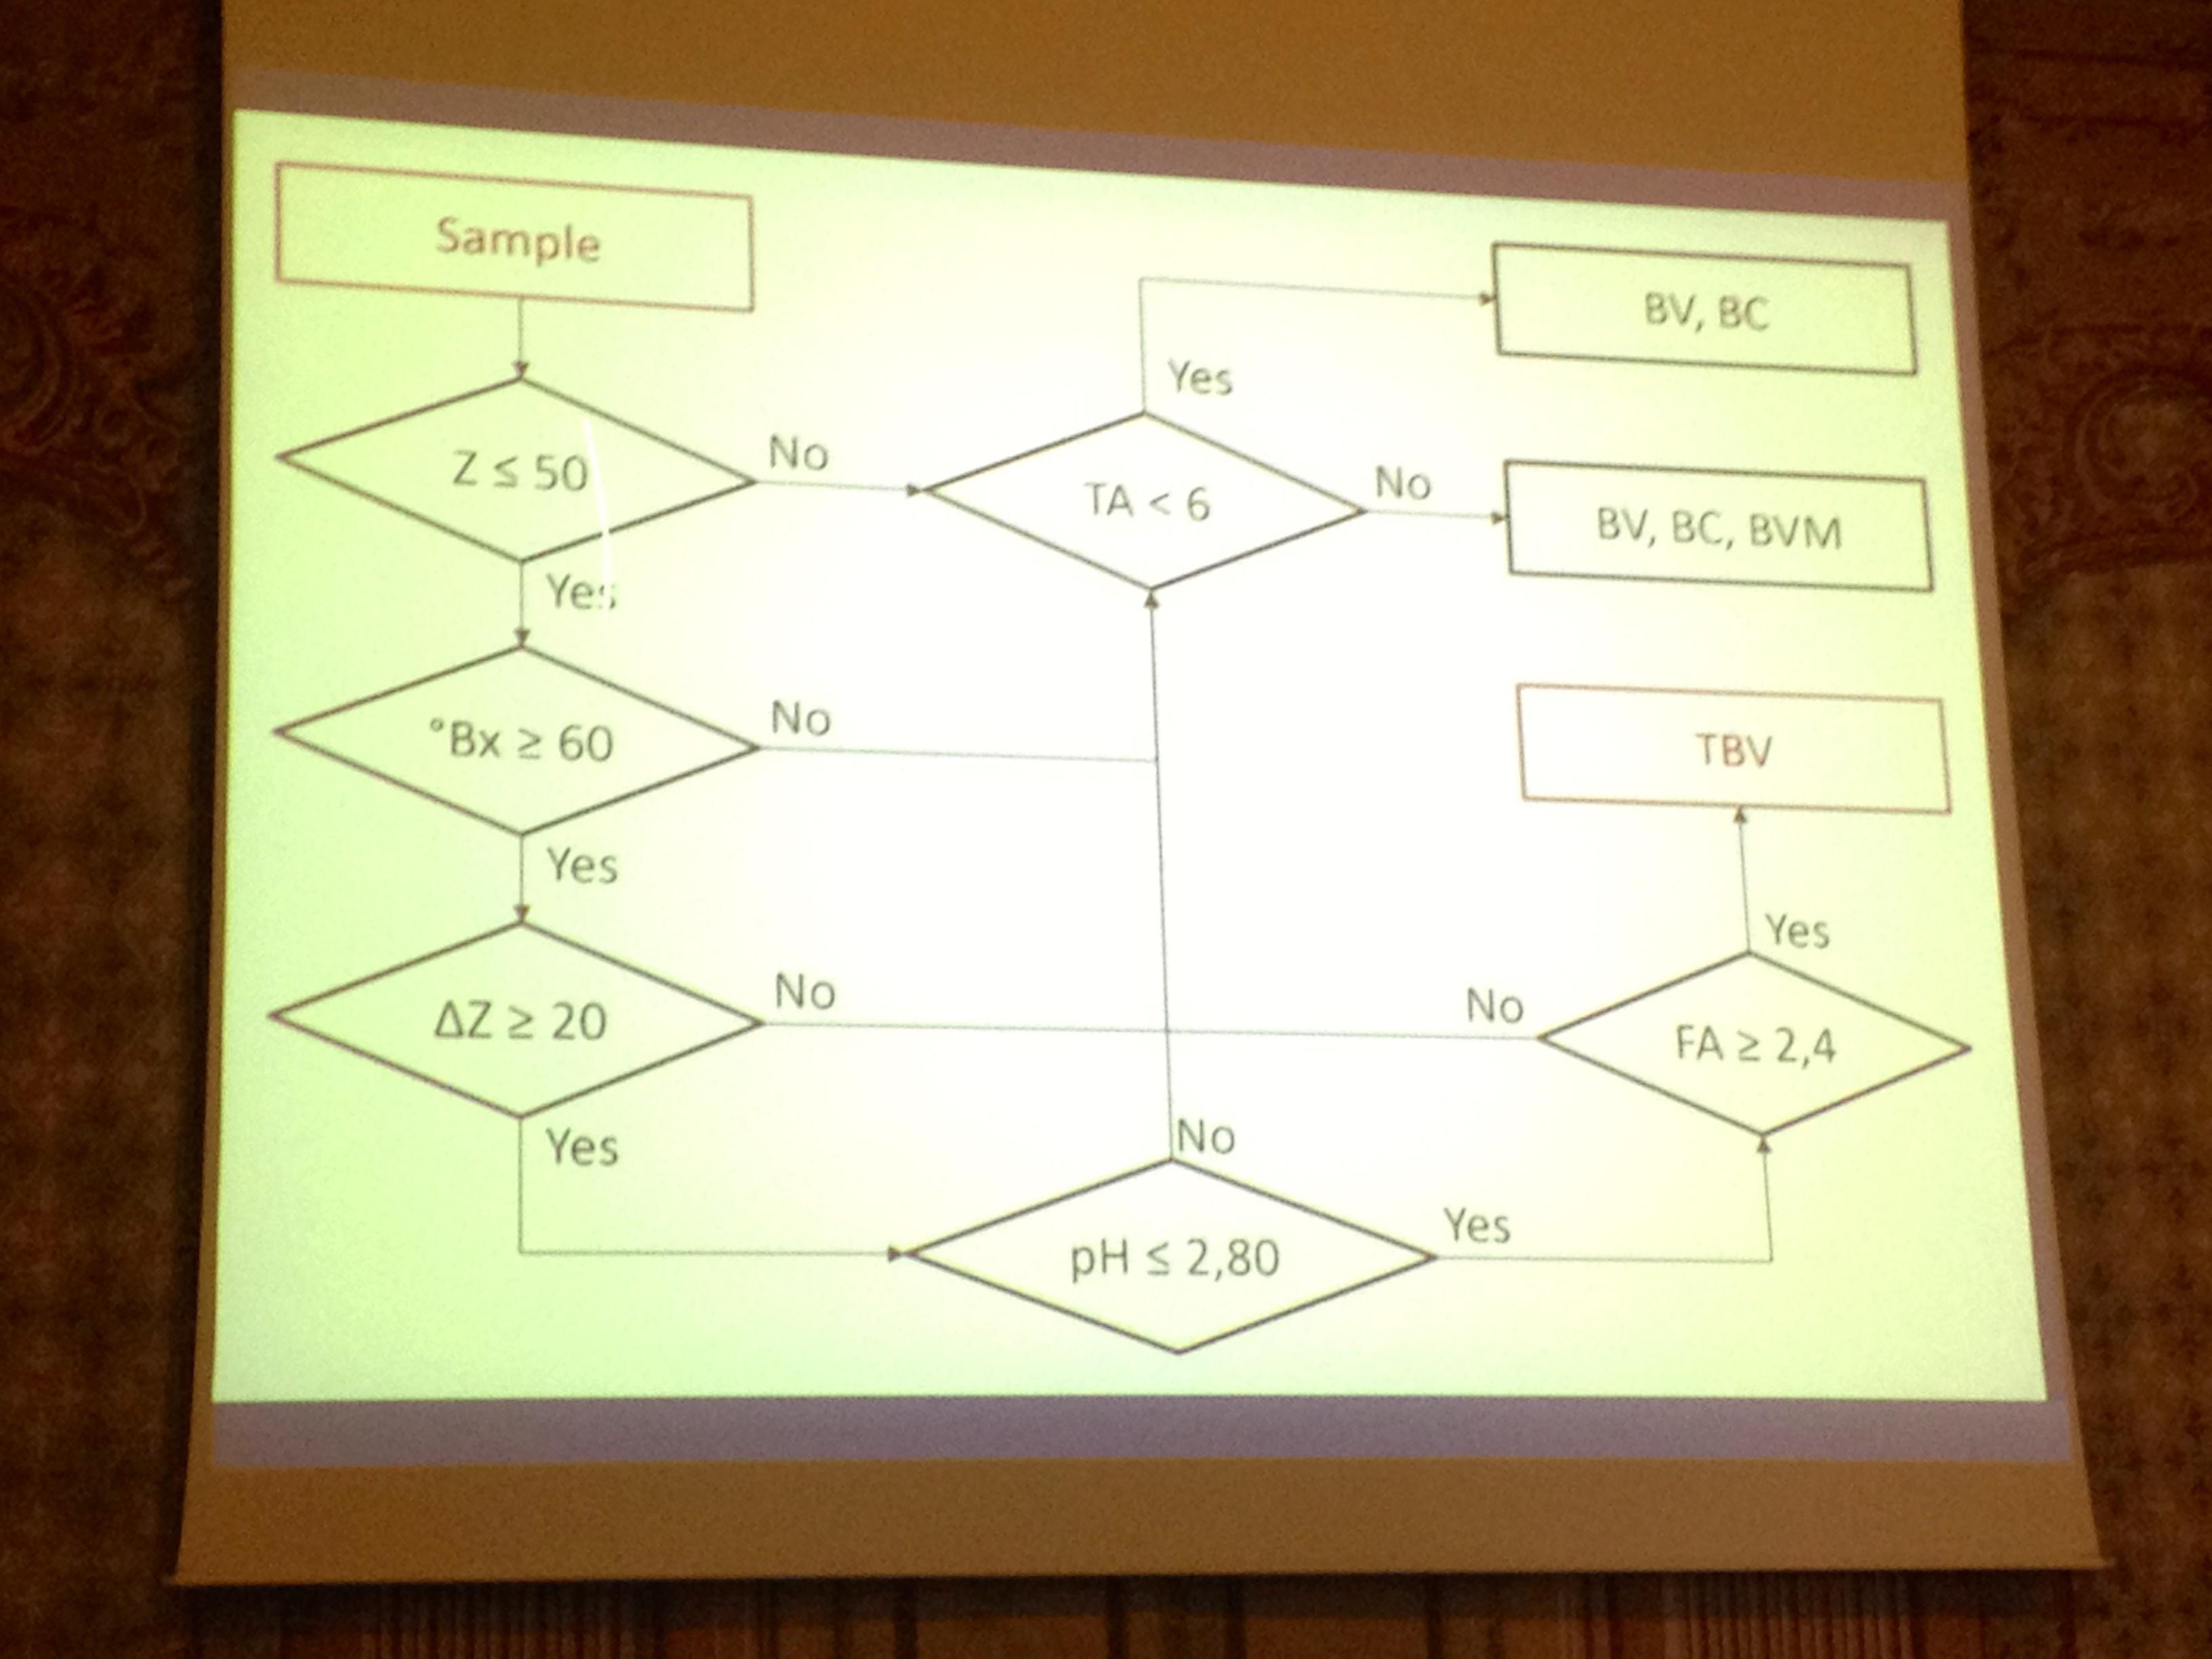 Riconoscere l'Aceto Balsamico Tradizionale - parametri fisico-chimici